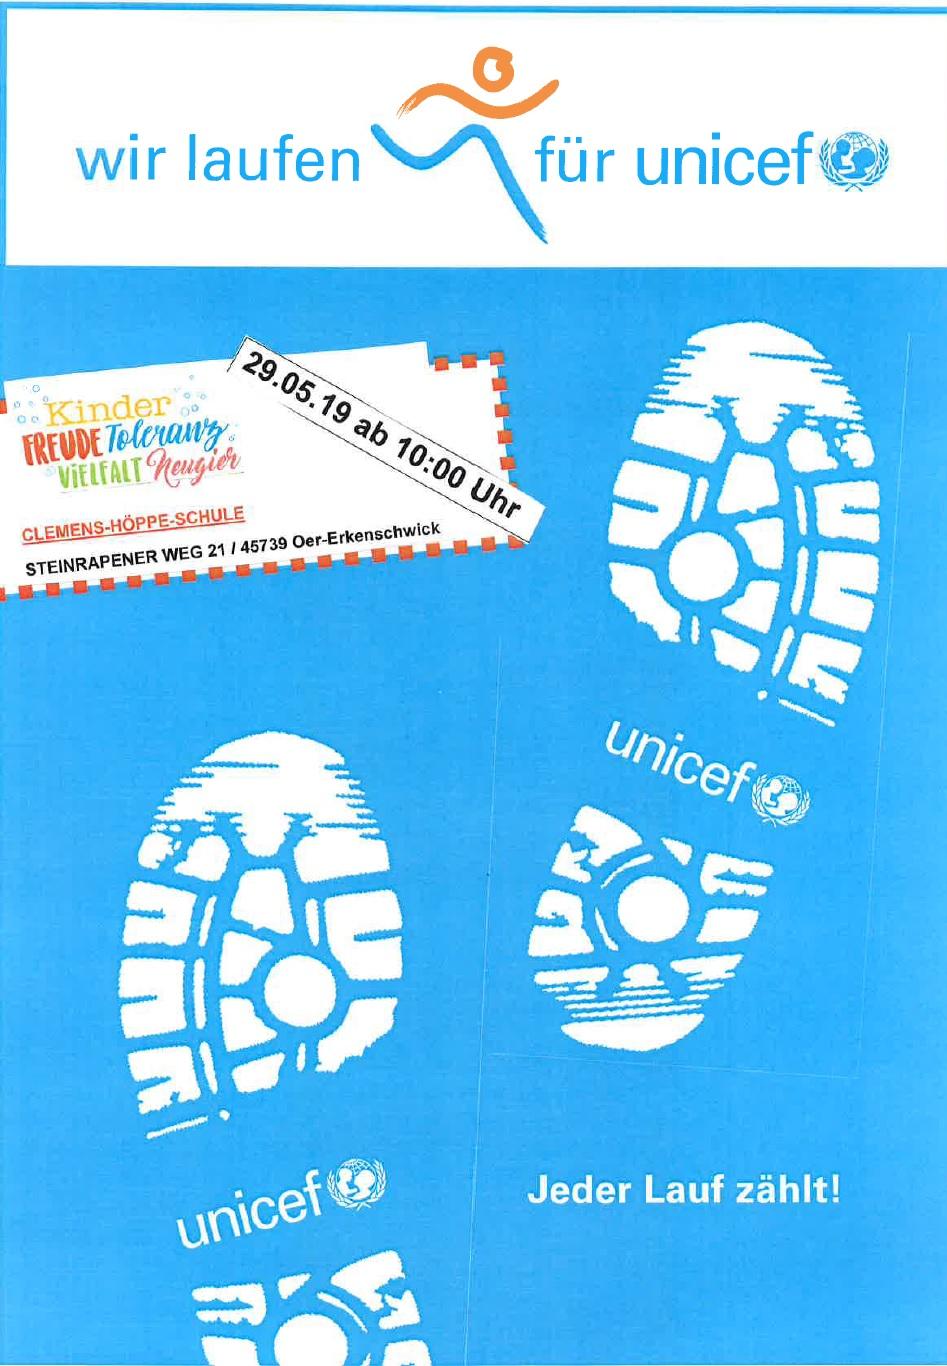 Wir Laufen Für Unicef 29.05.2019